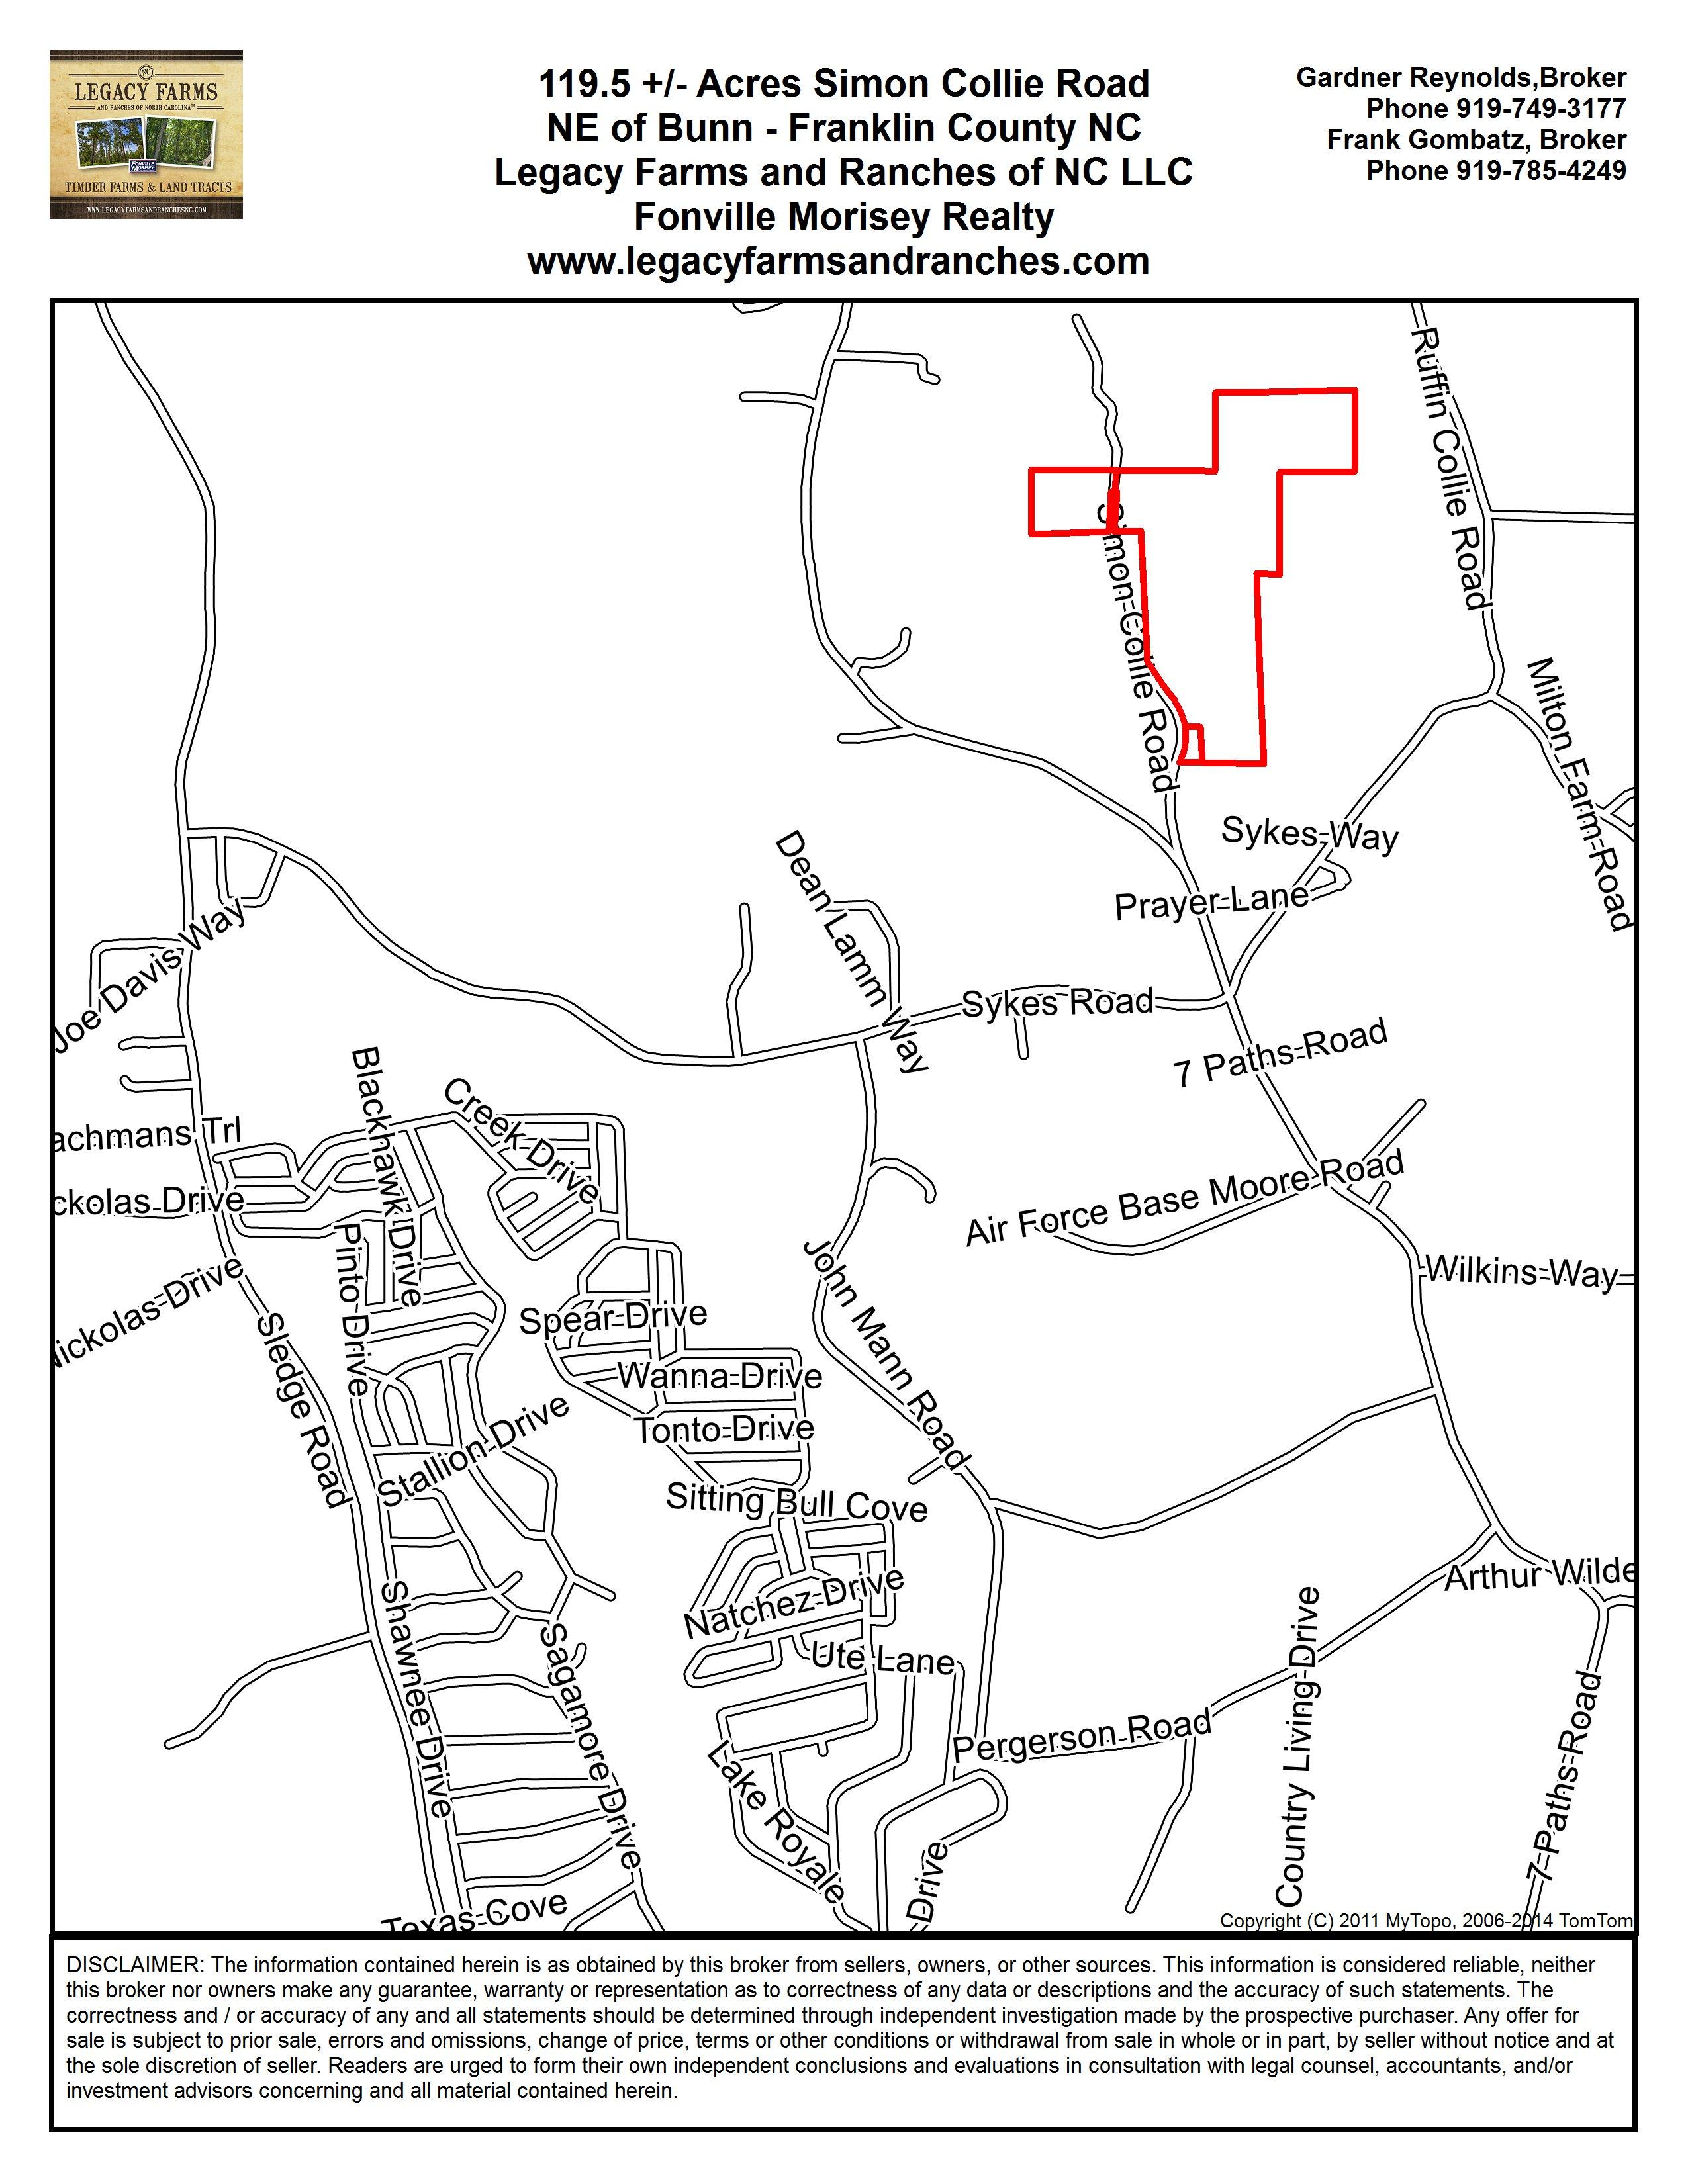 119 5 Acres On Simon Collie Rd Farm For Sale Near Bunn In